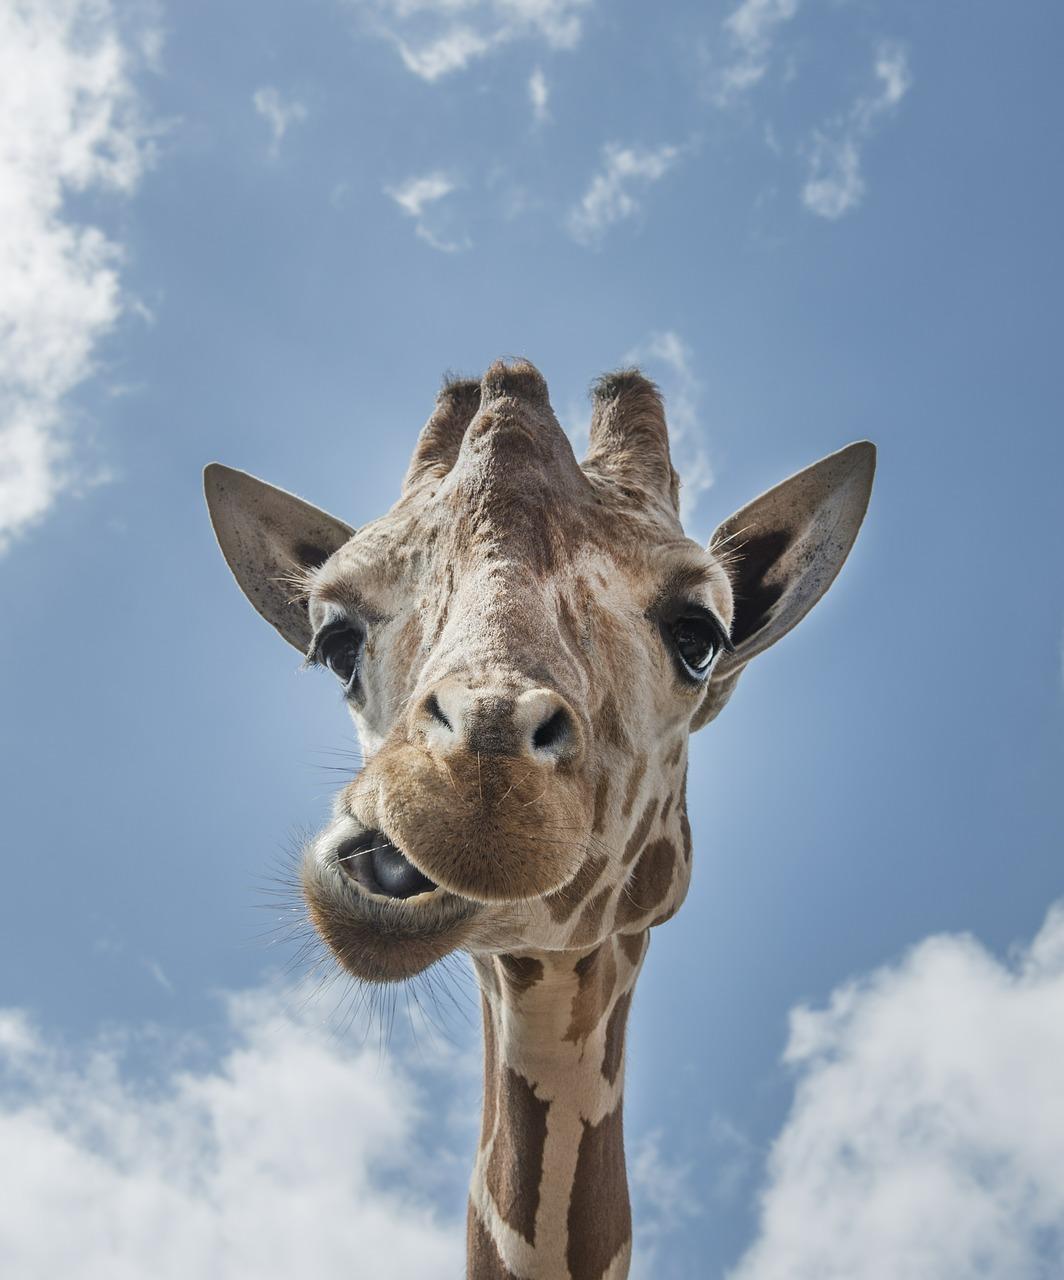 Жирафик корчит рожицу